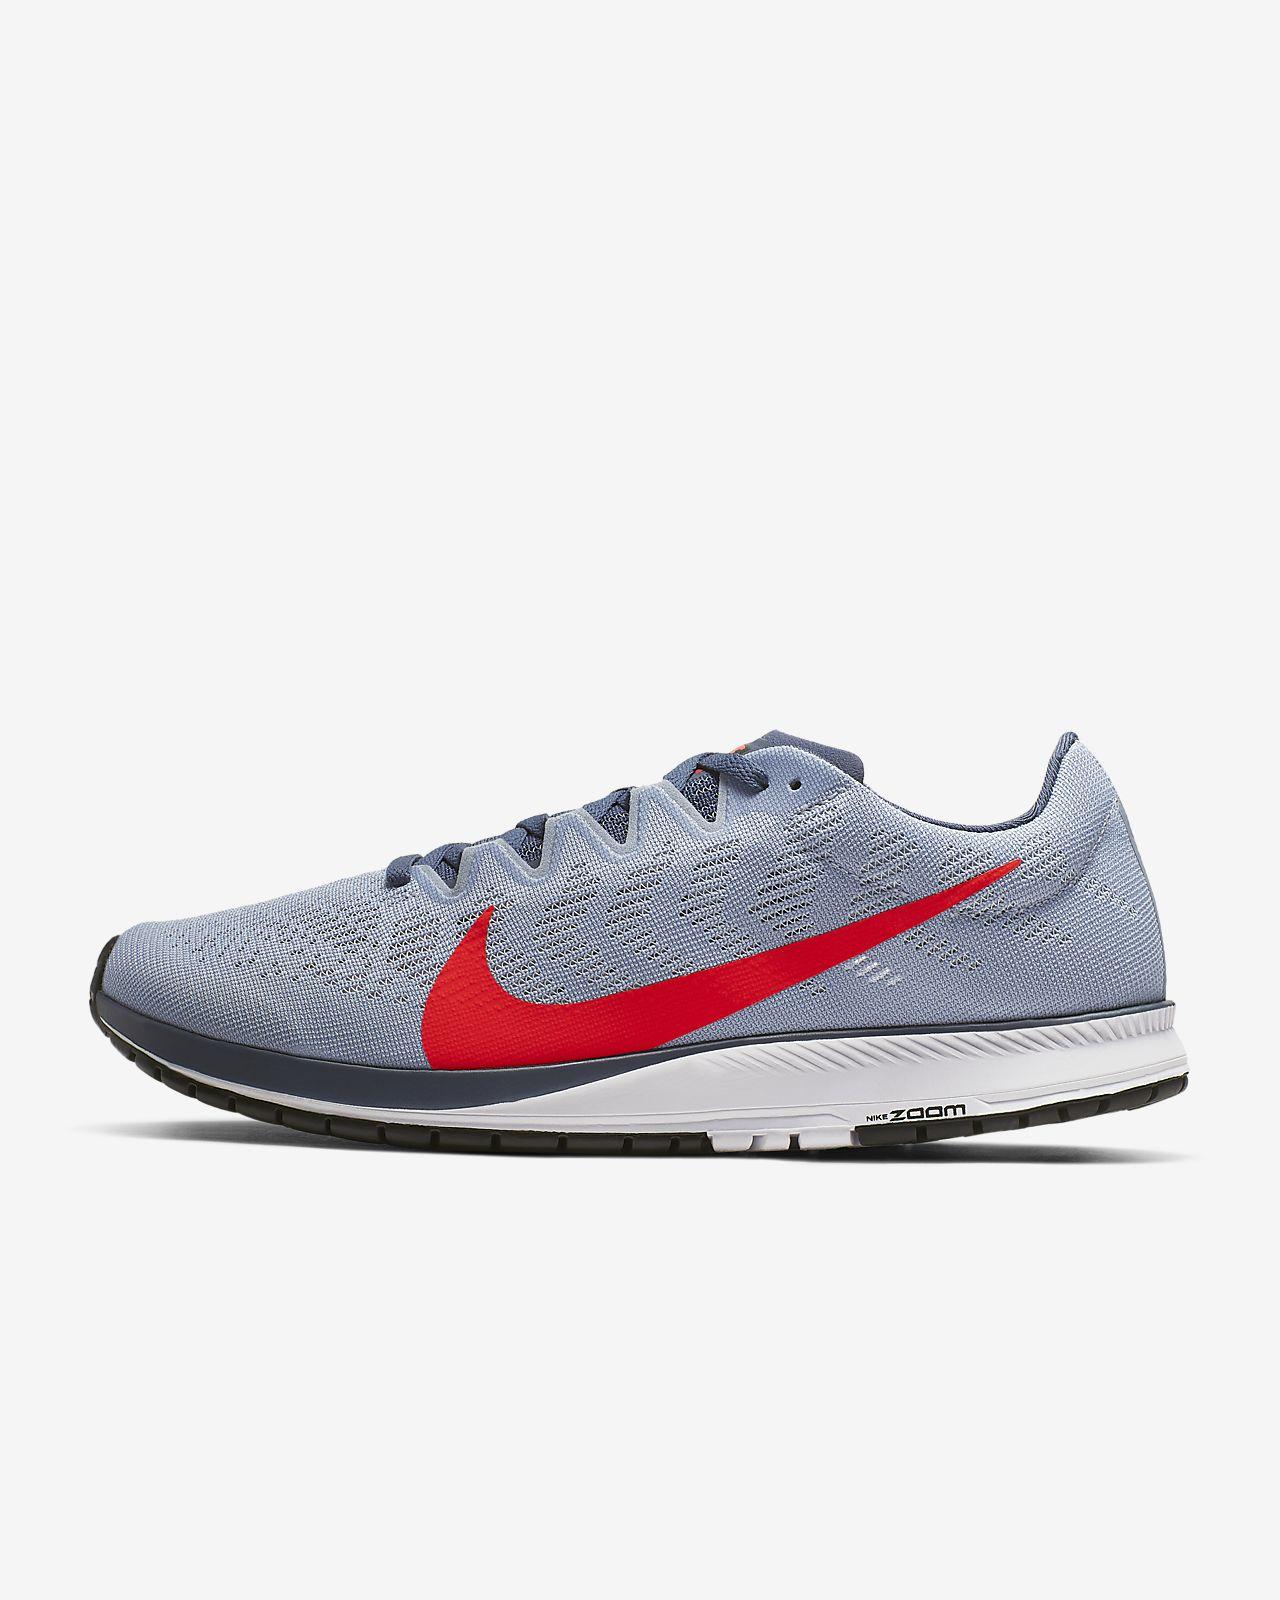 Buty do biegania Nike Air Zoom Streak 7